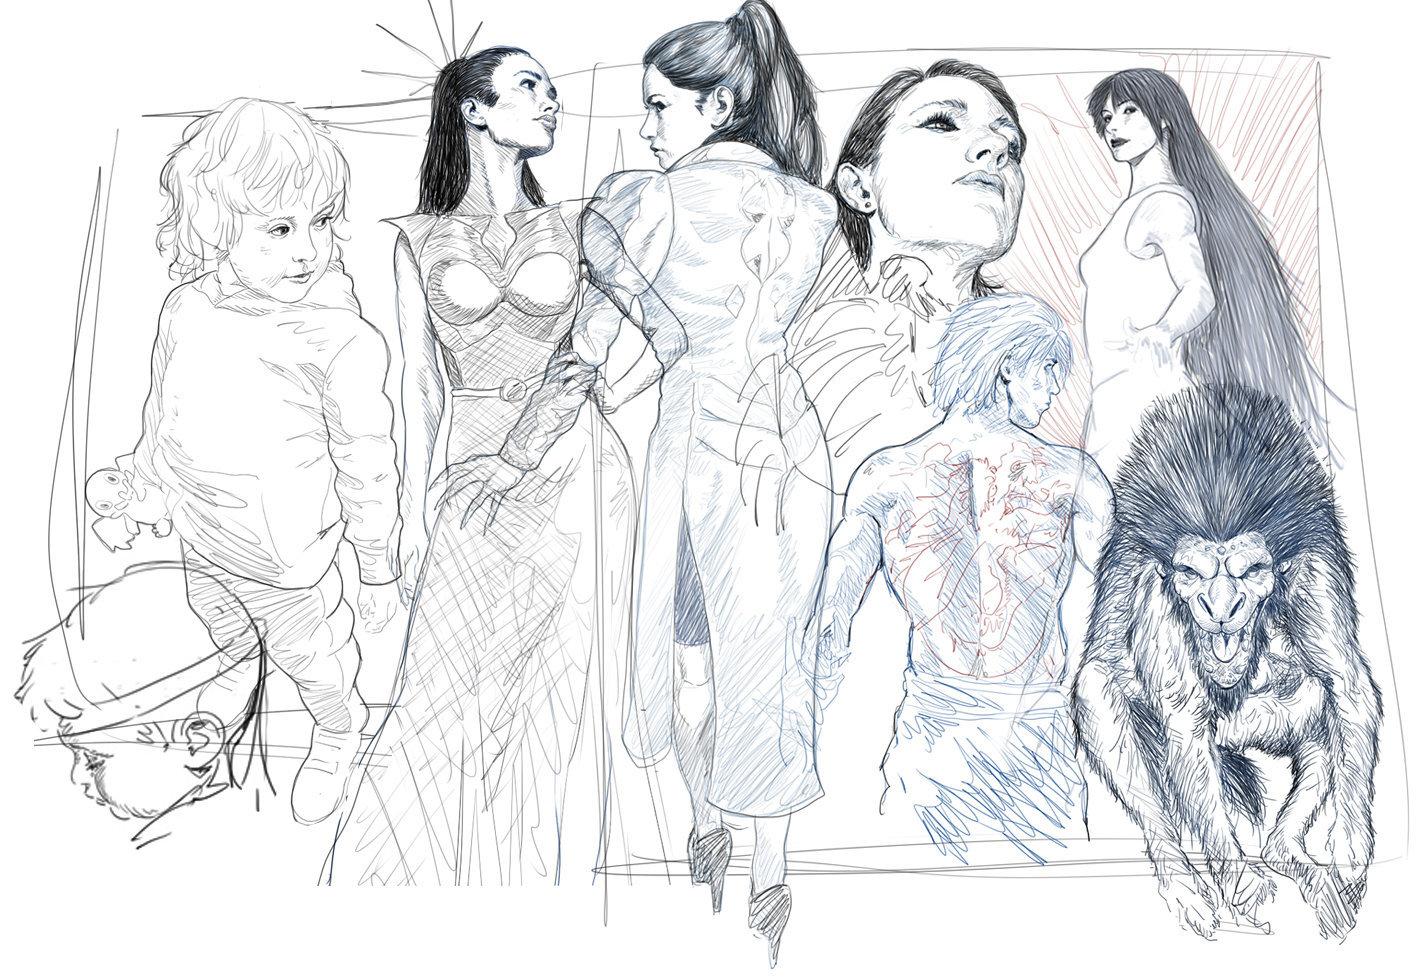 Recherches graphiques de Dagorath - Page 5 1572142357-1570196061-random-sketches20383872